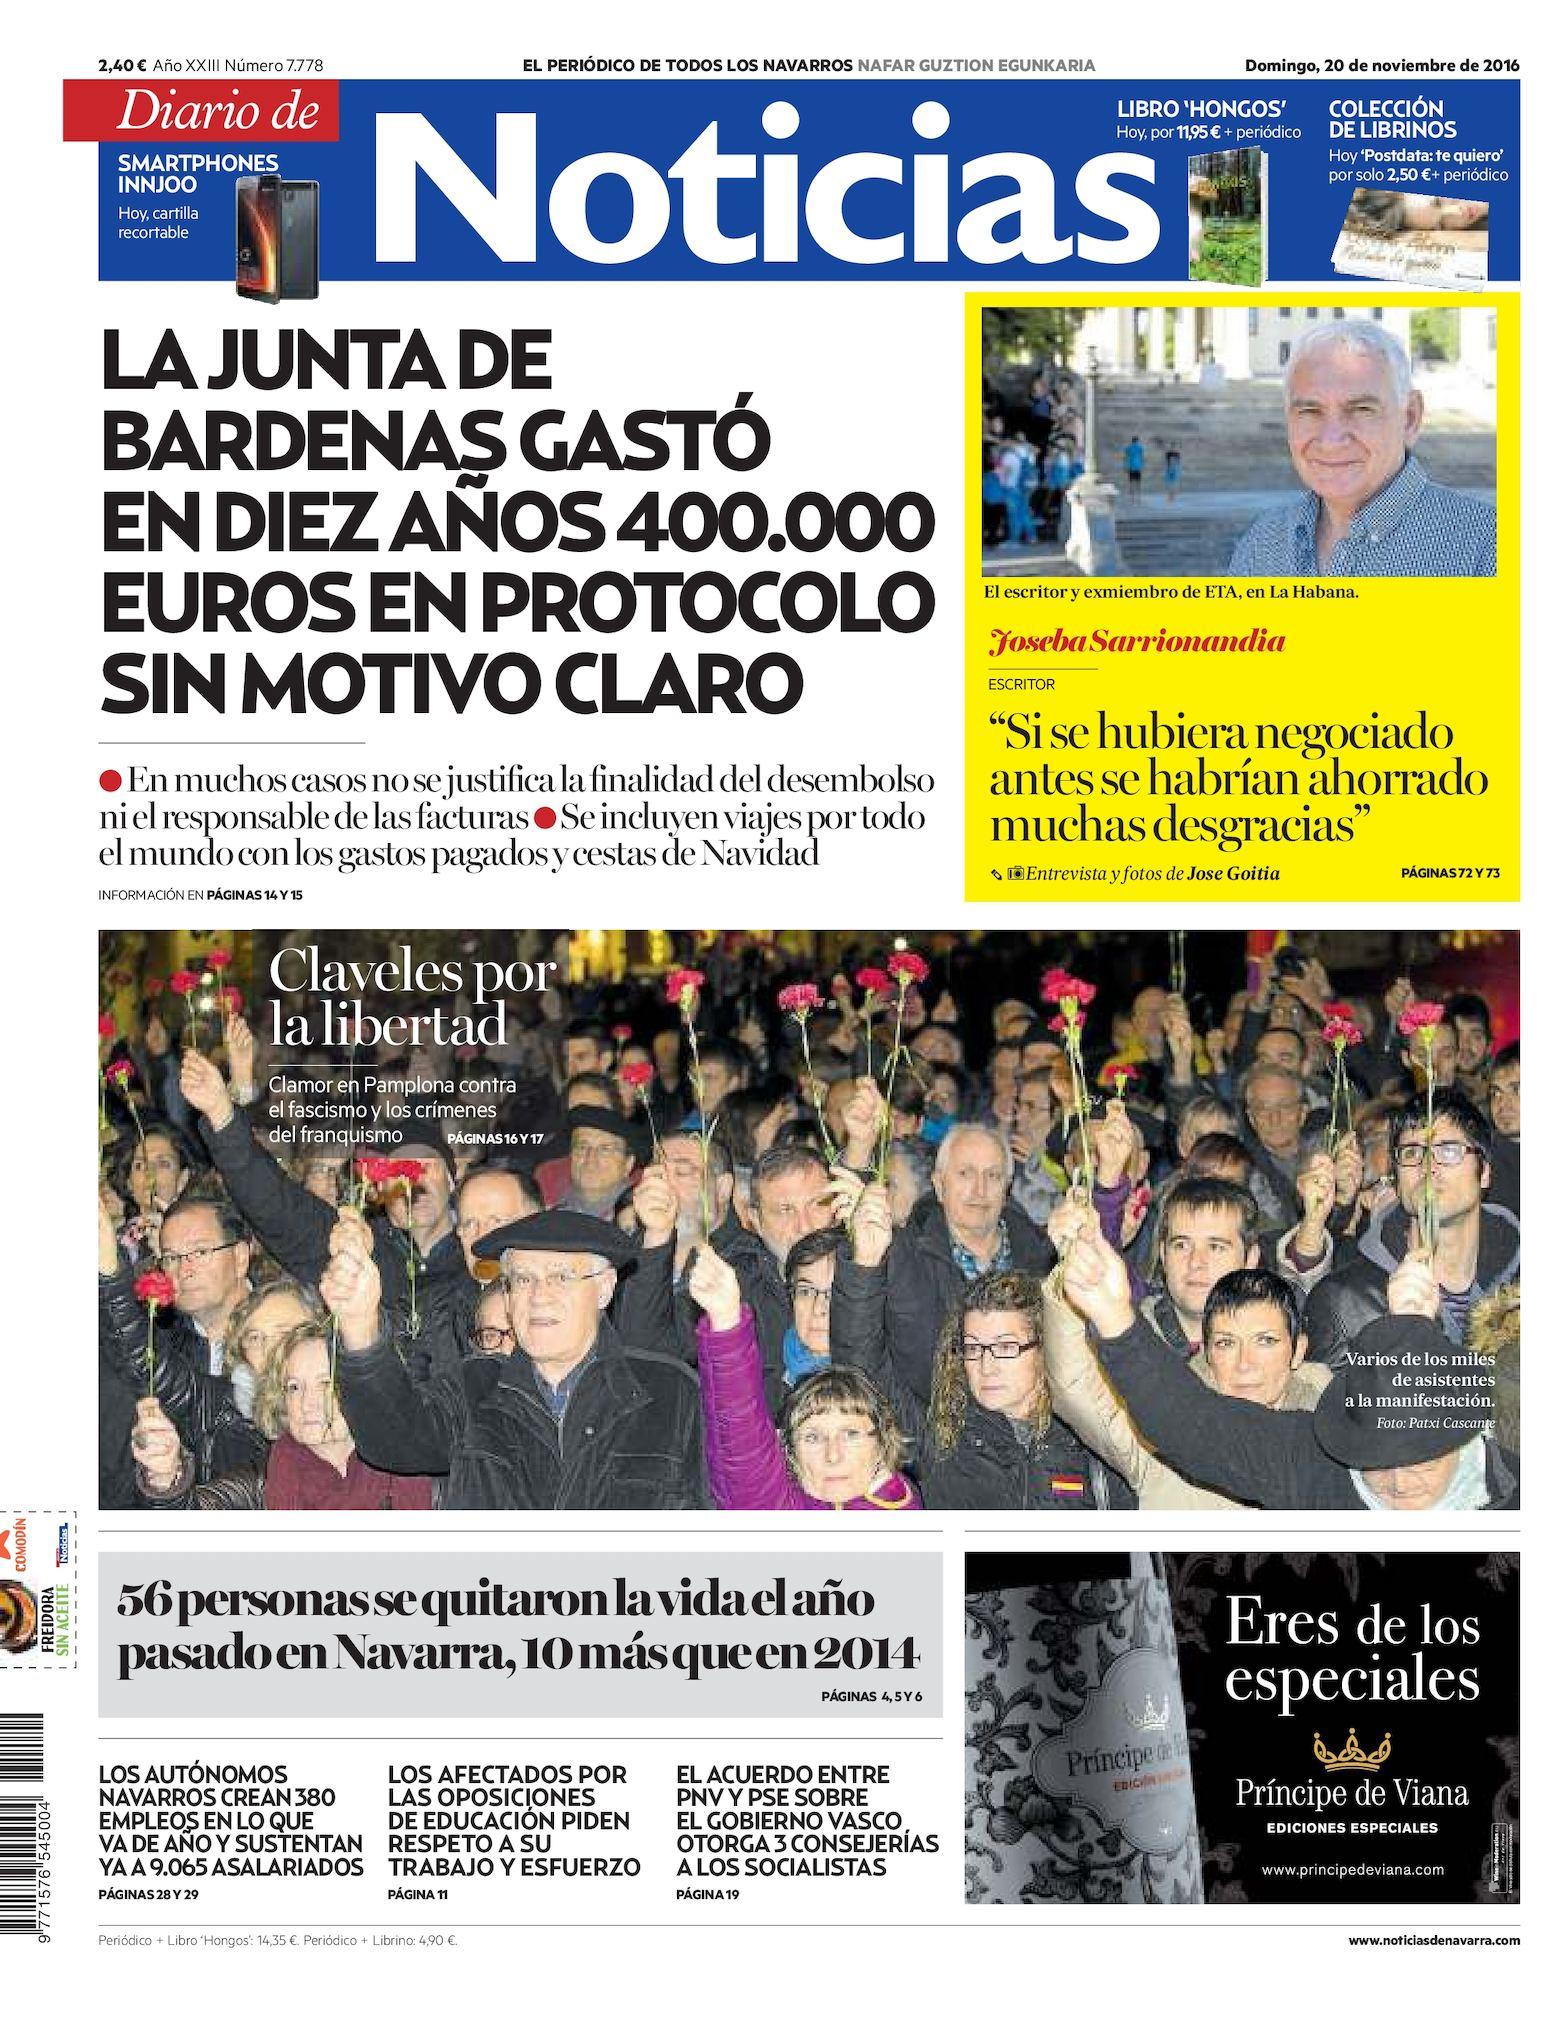 07253e53ca Calaméo - Diario de Noticias 20161120